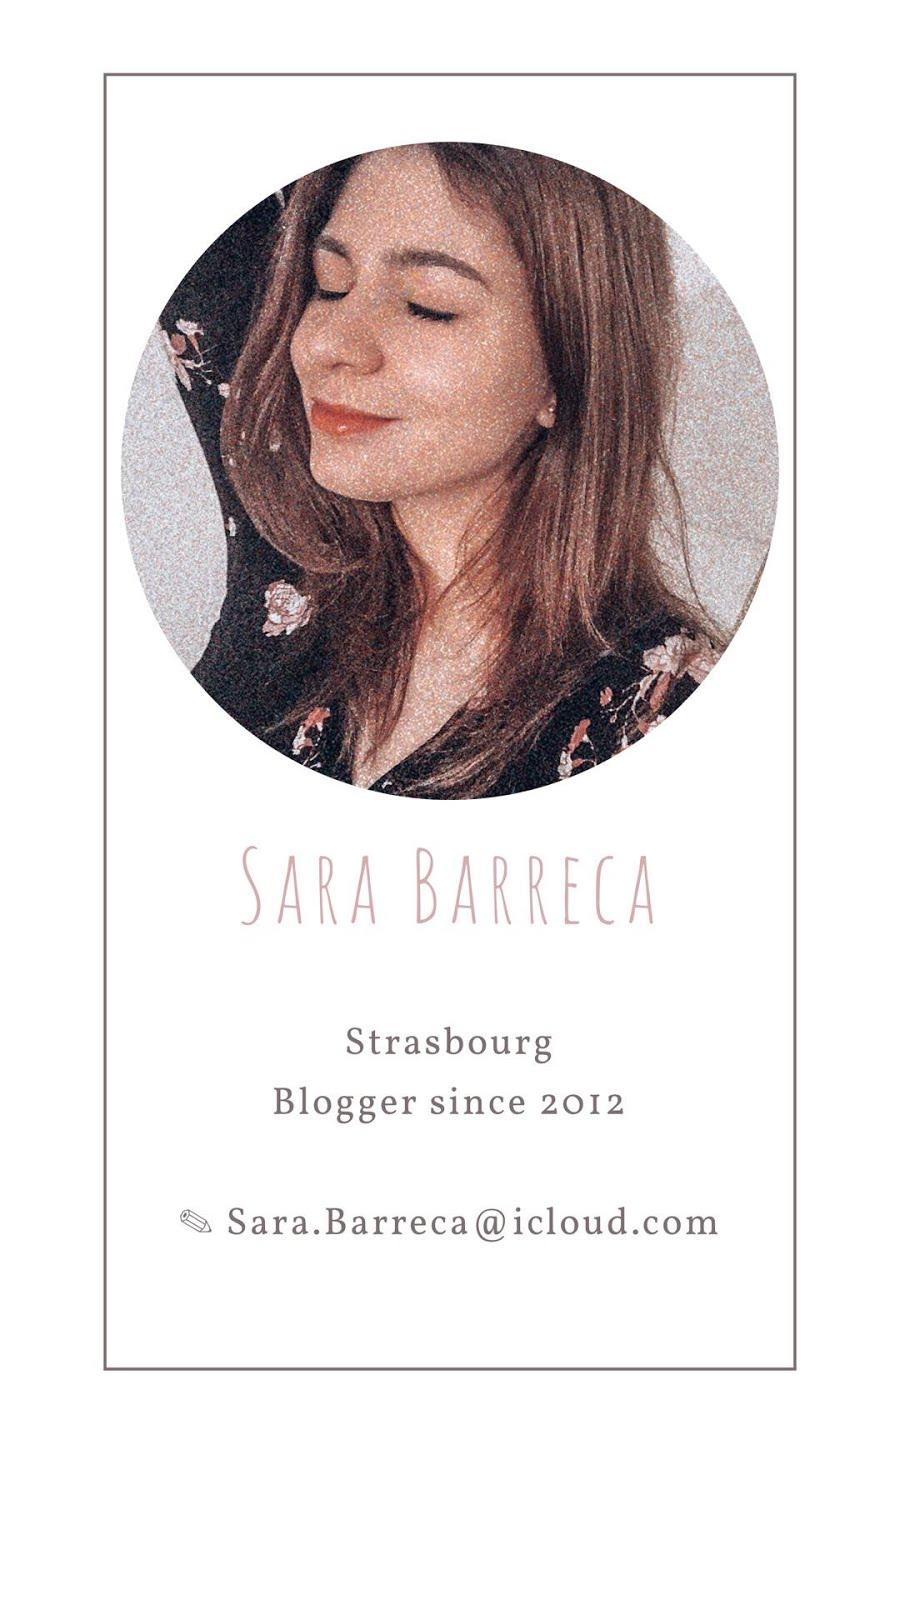 Sara Barreca